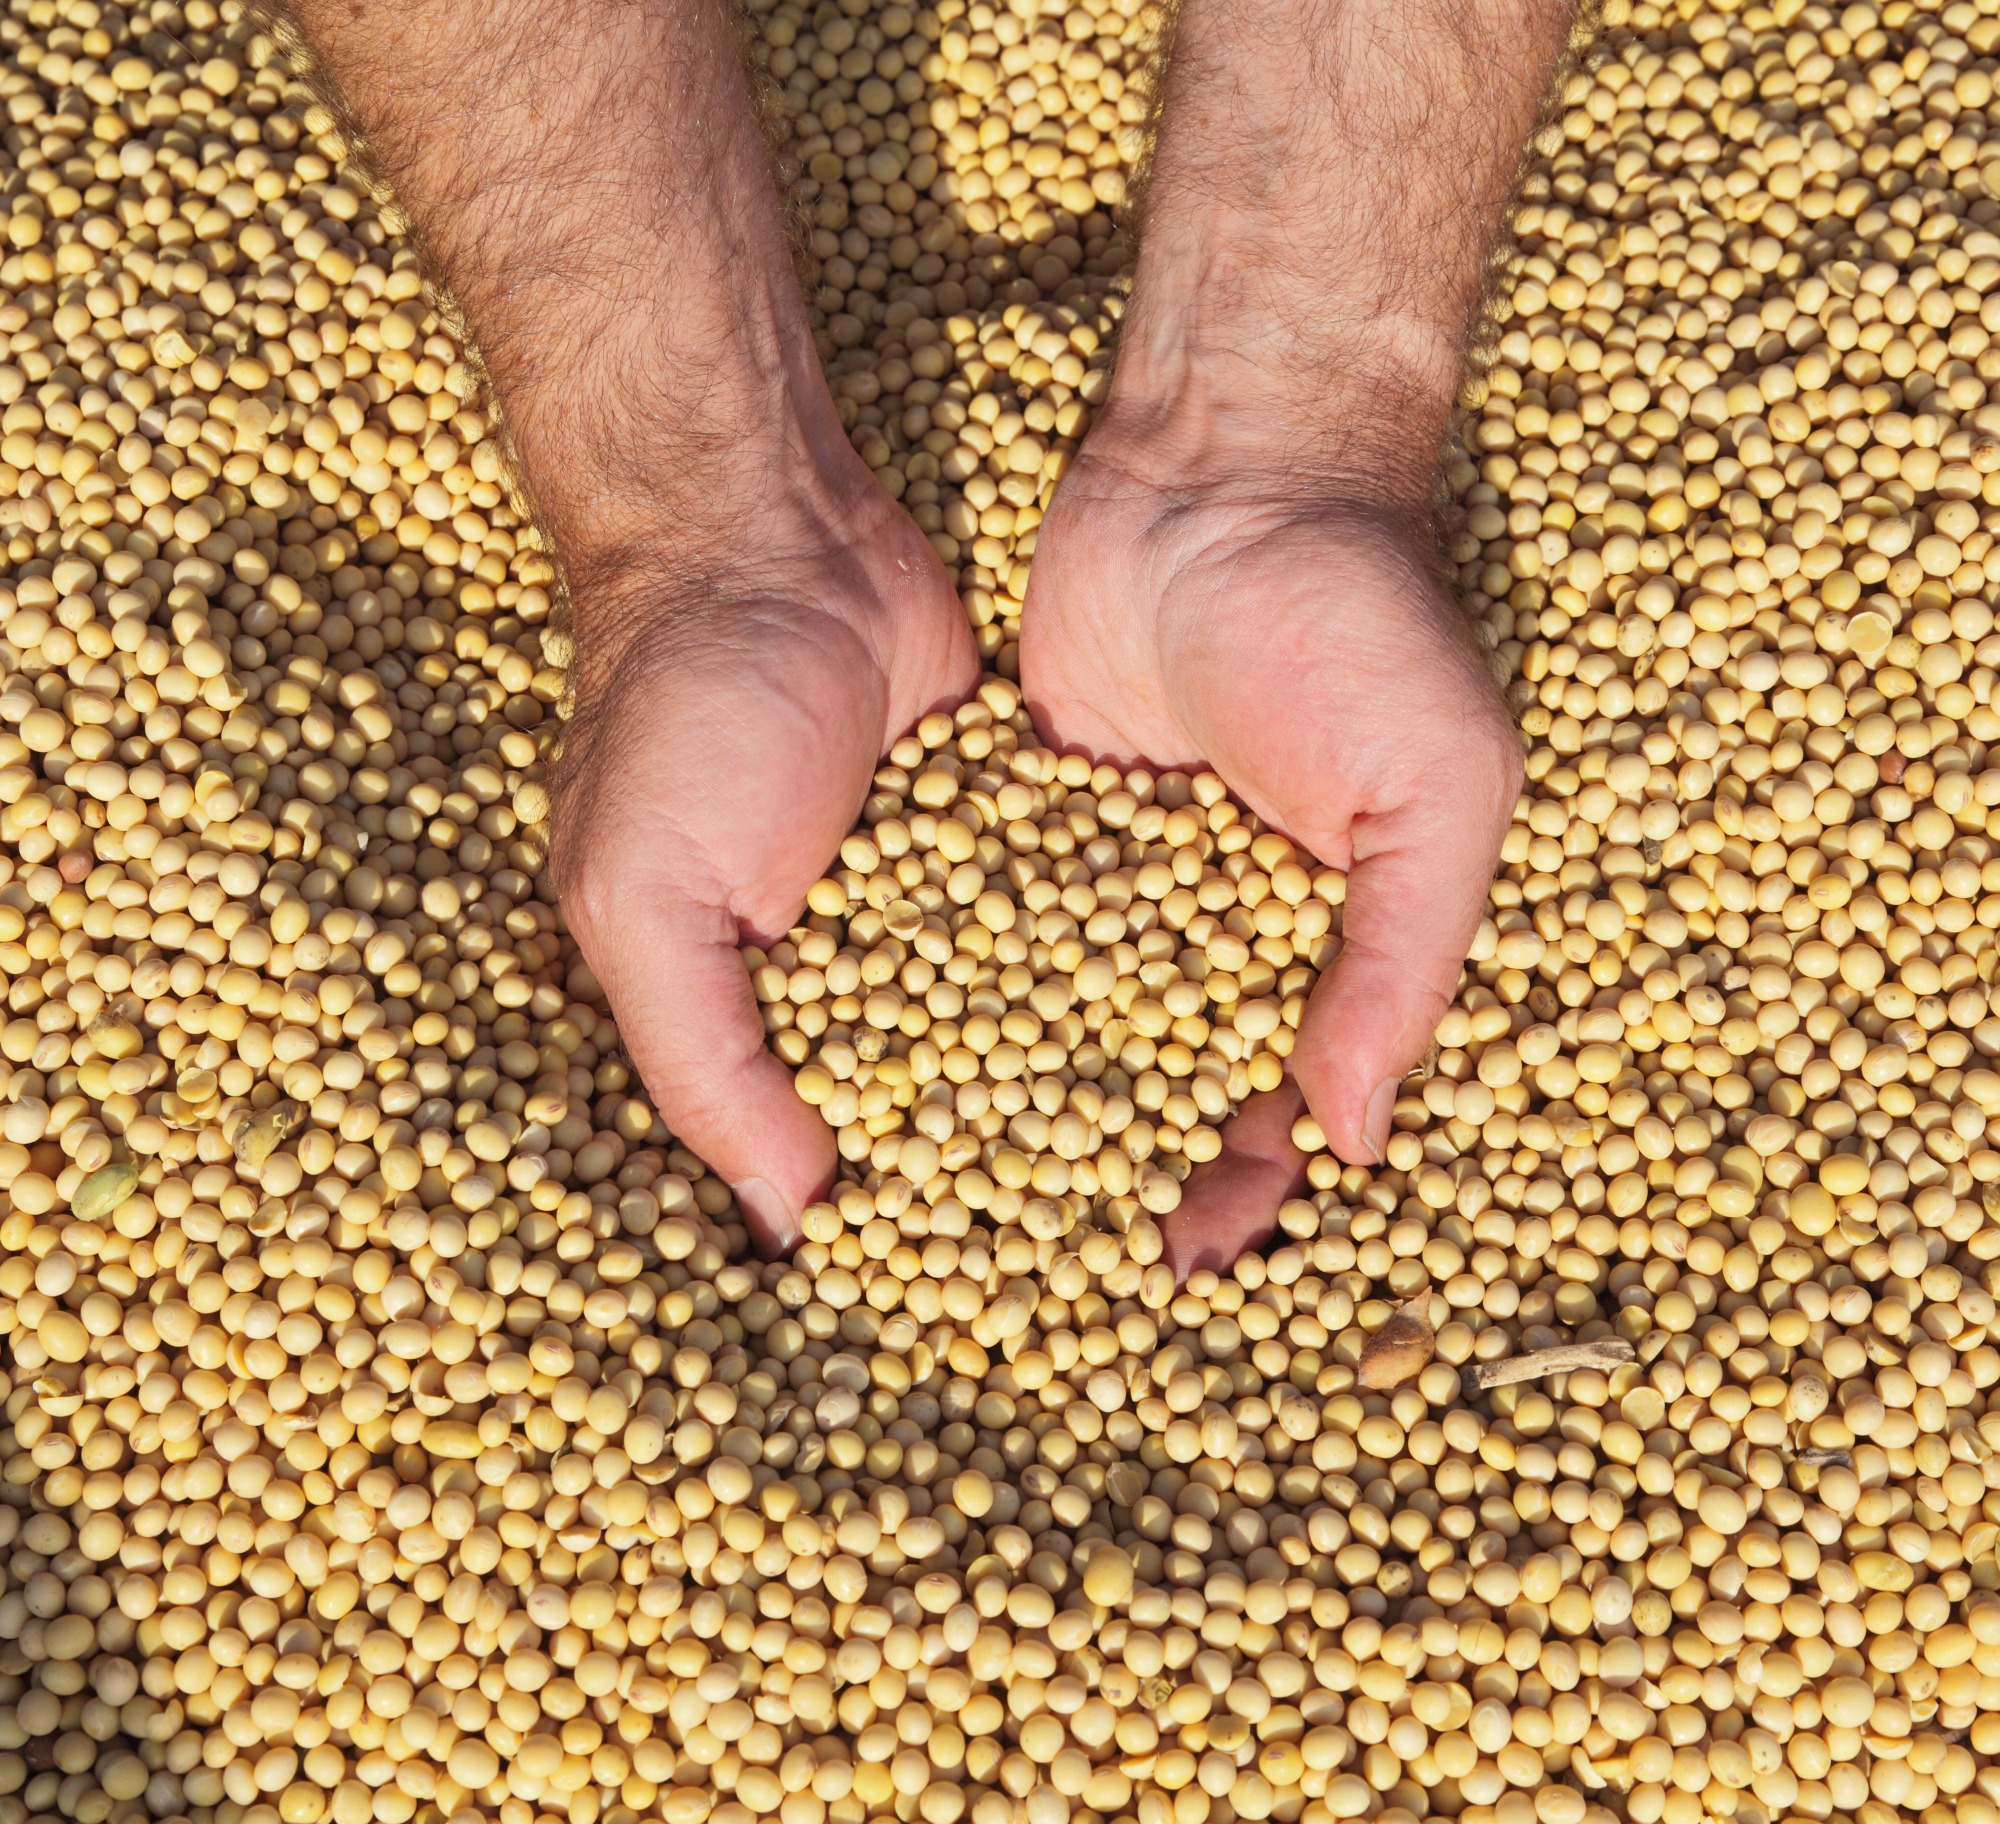 Com queda do dólar, vendedor se retrai e preço de soja cai no BR